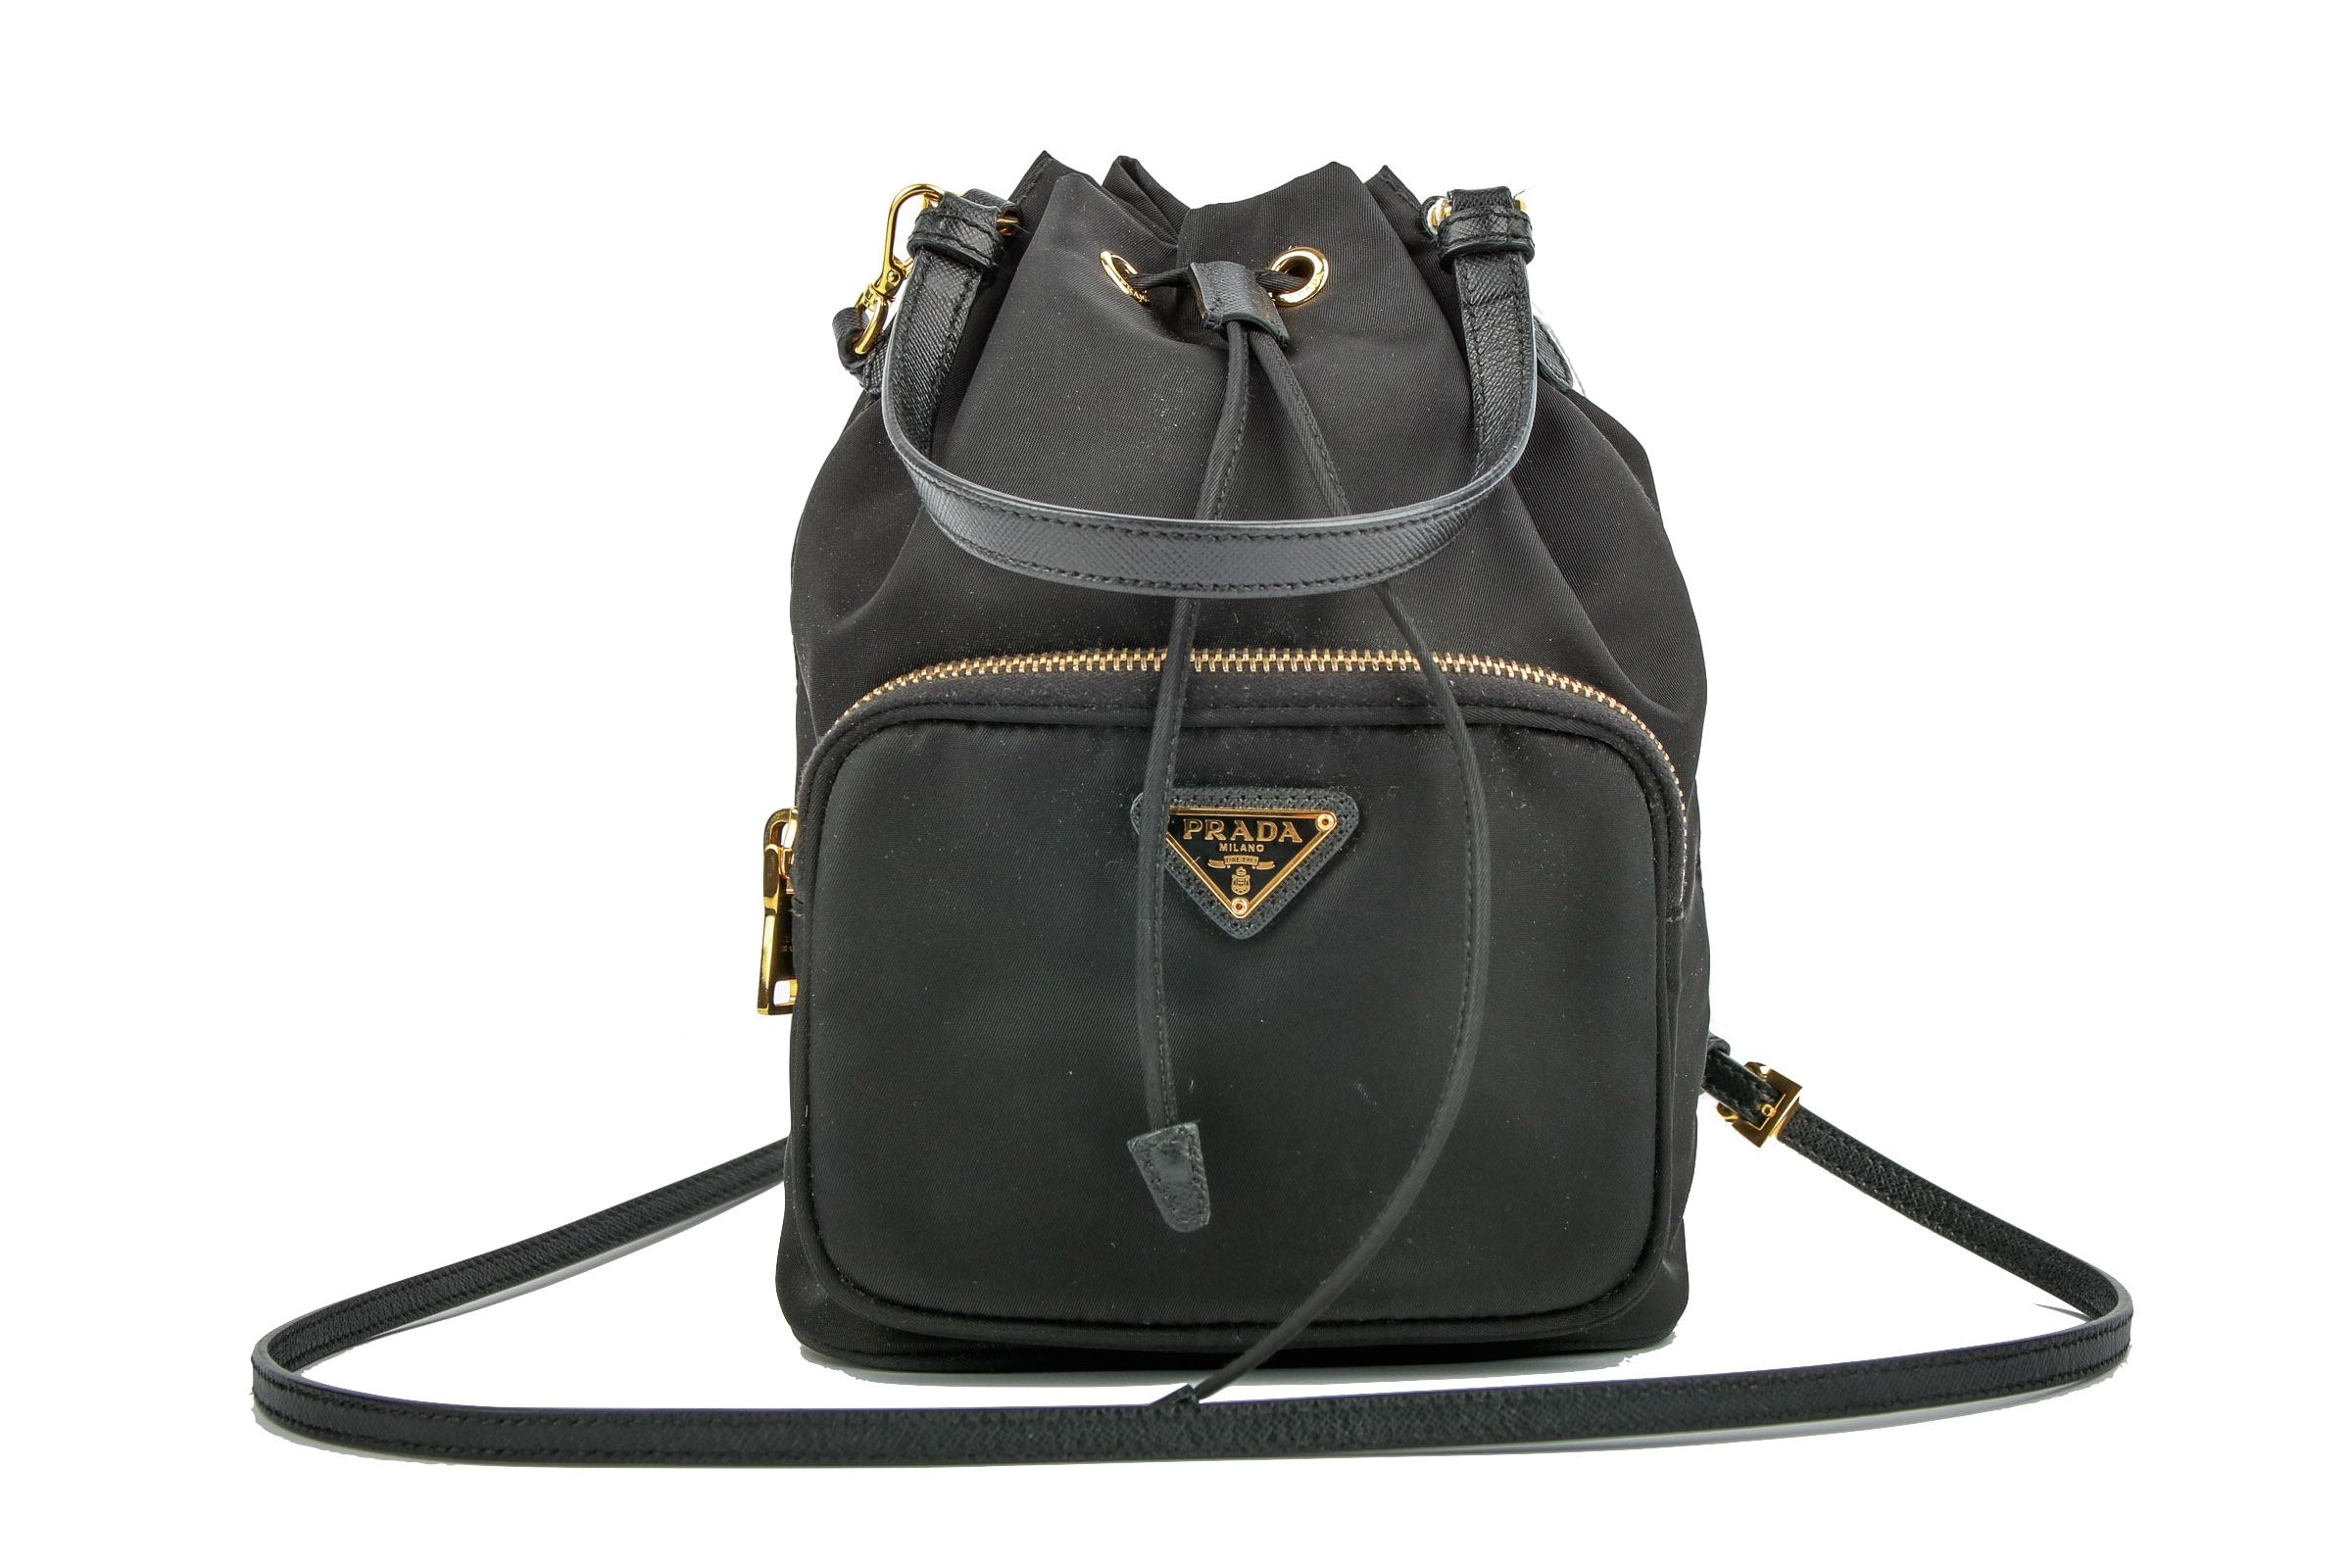 766a2a2d44b2 ... canada prada bucket bag nylon saffiano leather black 4bd39 ba2ab ...